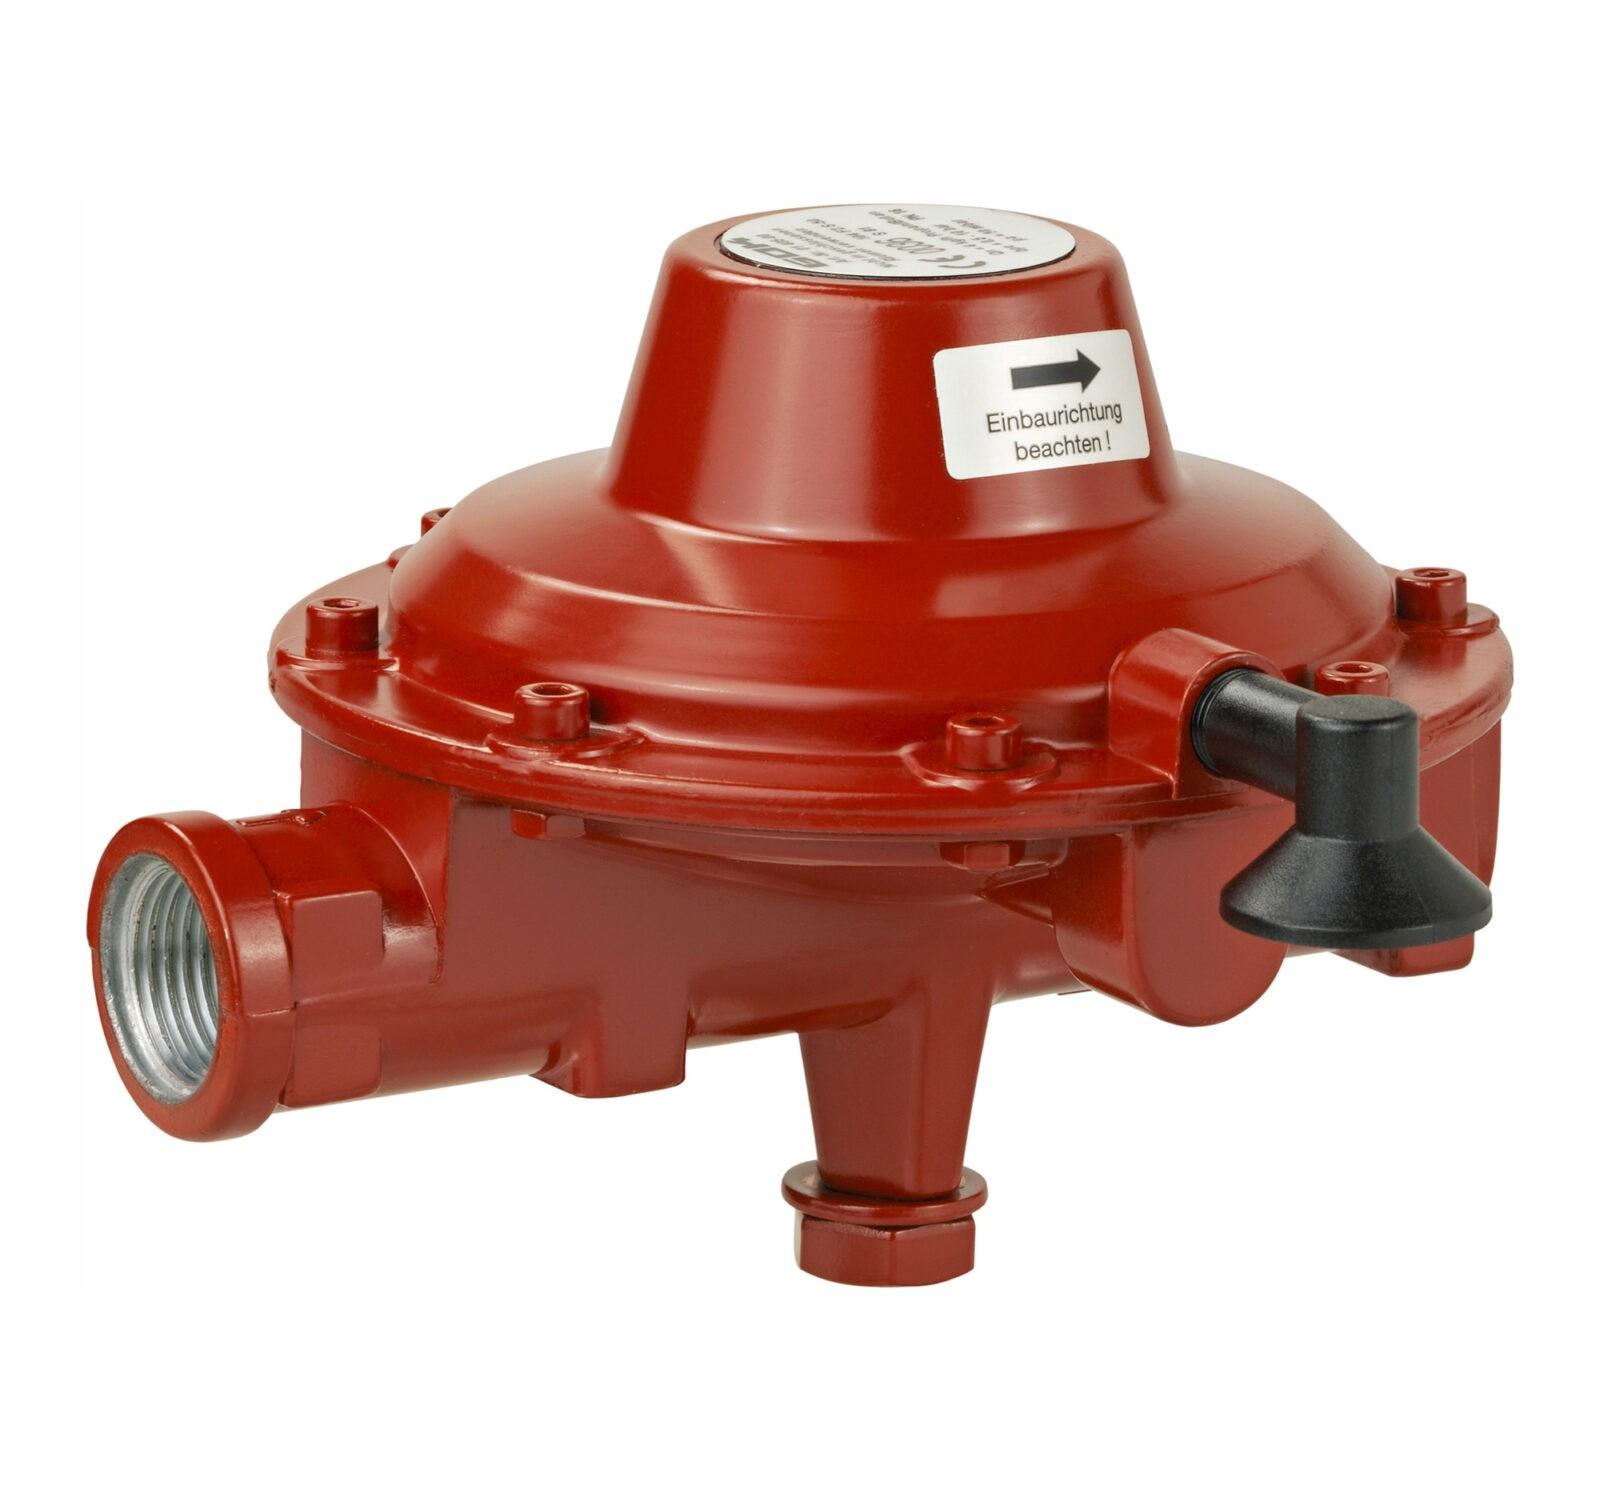 Регулятор давления газа второй ступени GOK 37мбар NDR 0516 IG G1/2 IG G1/2 12кг/час